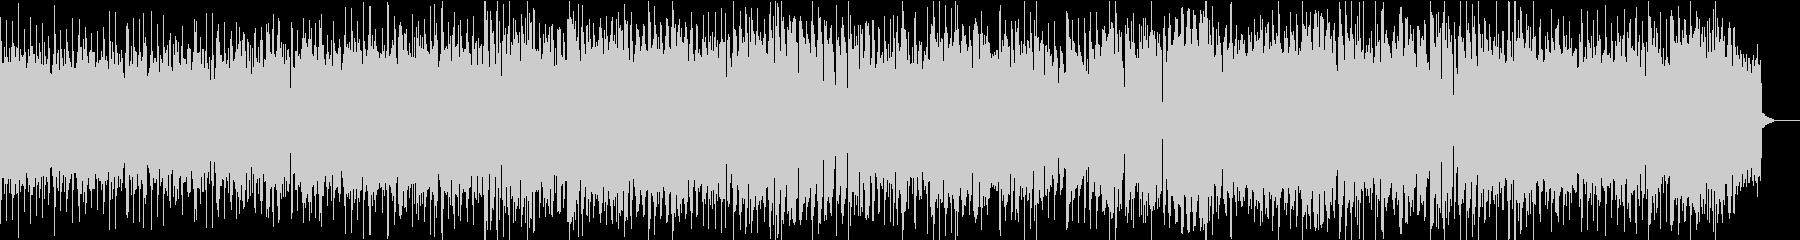 激シブなオルガンスローブルースの未再生の波形